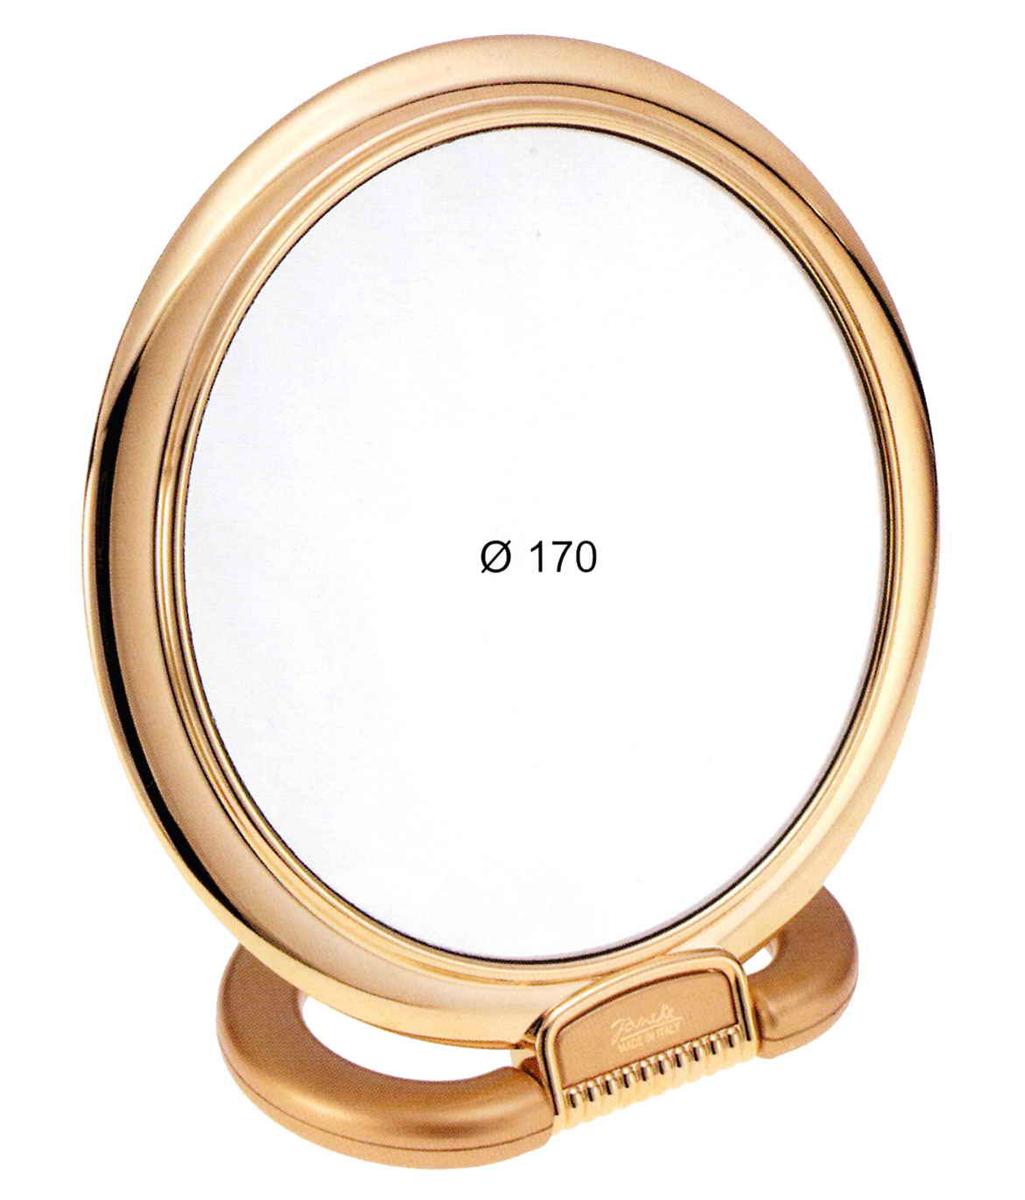 Janeke Зеркало настольное D170, линзы ZEISS, позолоченное в упаковке, 493.05.3.542923Марка Janeke – мировой лидер по производству расчесок, щеток, маникюрных принадлежностей, зеркал и косметичек. Марка Janeke, основанная в 1830 году, вот уже почти 180 лет поддерживает непревзойденное качество своей продукции, сочетая новейшие технологии с традициями ста- рых миланских мастеров. Все изделия на 80% производятся вручную, а инновационные технологии и современные материалы делают продукцию марки поистине уникальной. Стильный и эргономичный дизайн, яркие цветовые решения – все это приносит истин- ное удовольствие от использования аксессуаров Janeke. Зеркала для дома итальянской марки Janeke, изготовленные из высококачественных материалов и выполненные в оригинальном стильном дизайне, дополнят любой интерьер. Односторонние или двусторонние, с увеличением и без, на красивых и удобных подс- тавках – зеркала Janeke прослужат долго и доставят истинное удо- вольствие от использования